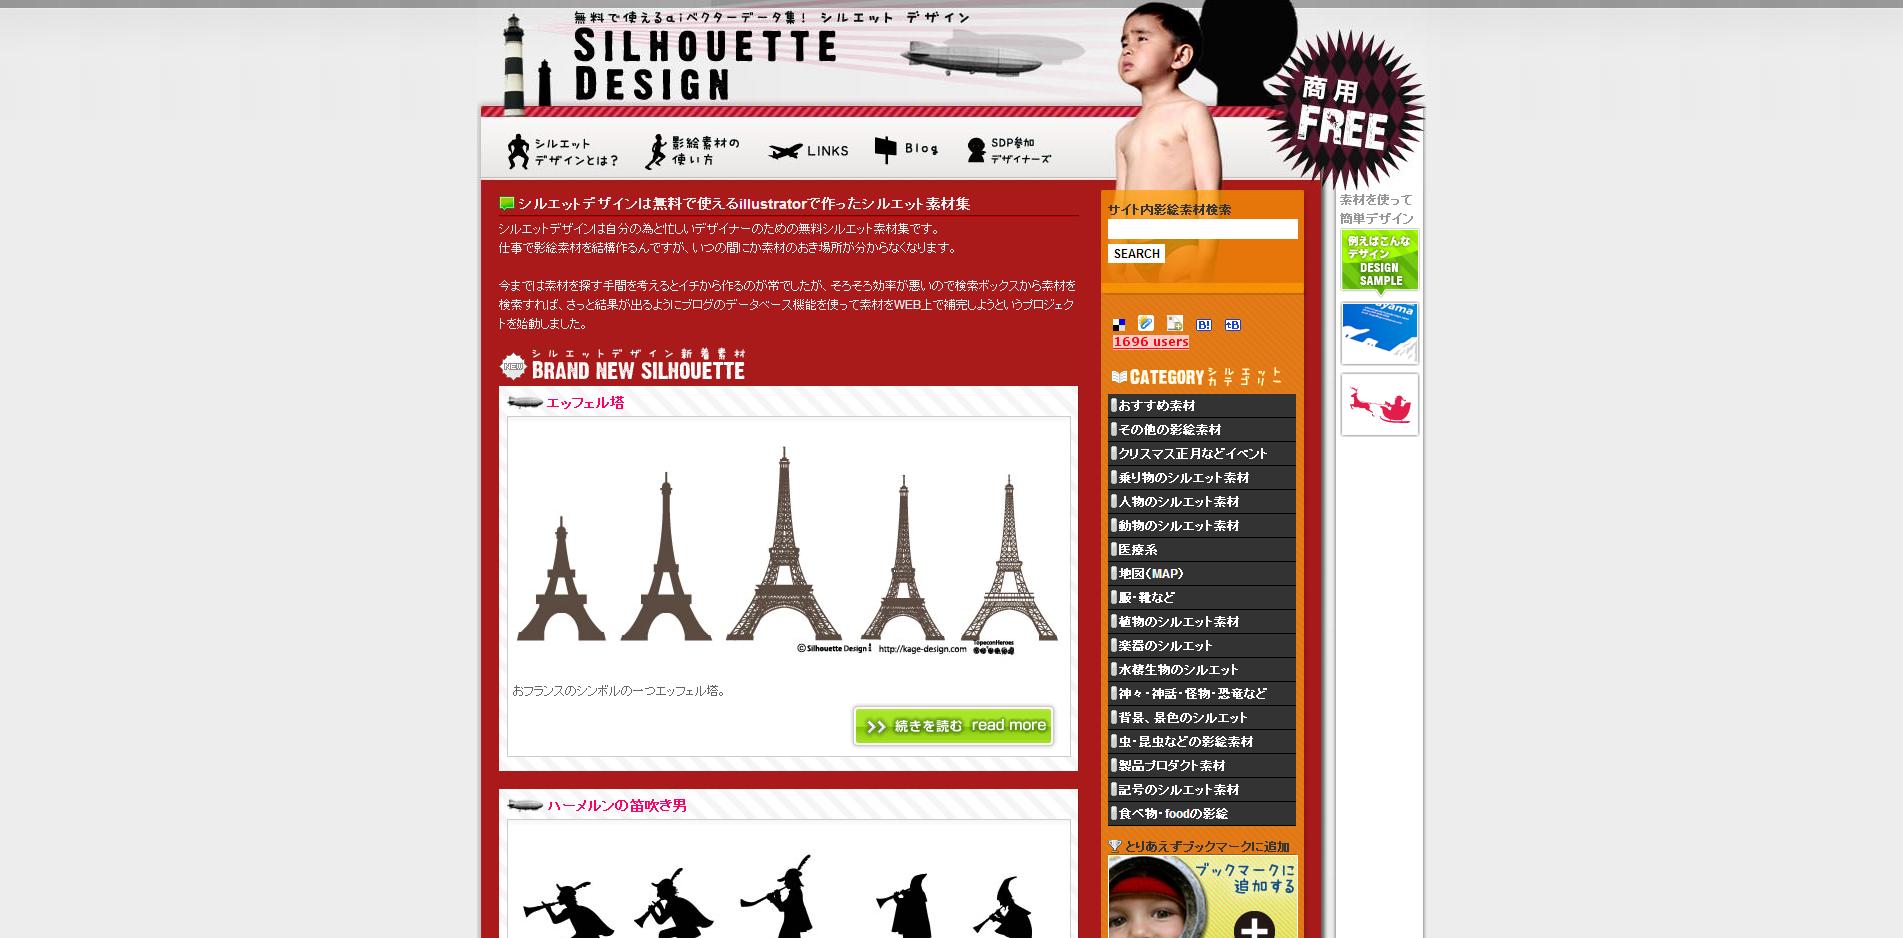 4商用フリーで使える影絵素材サイト シルエットデザイン